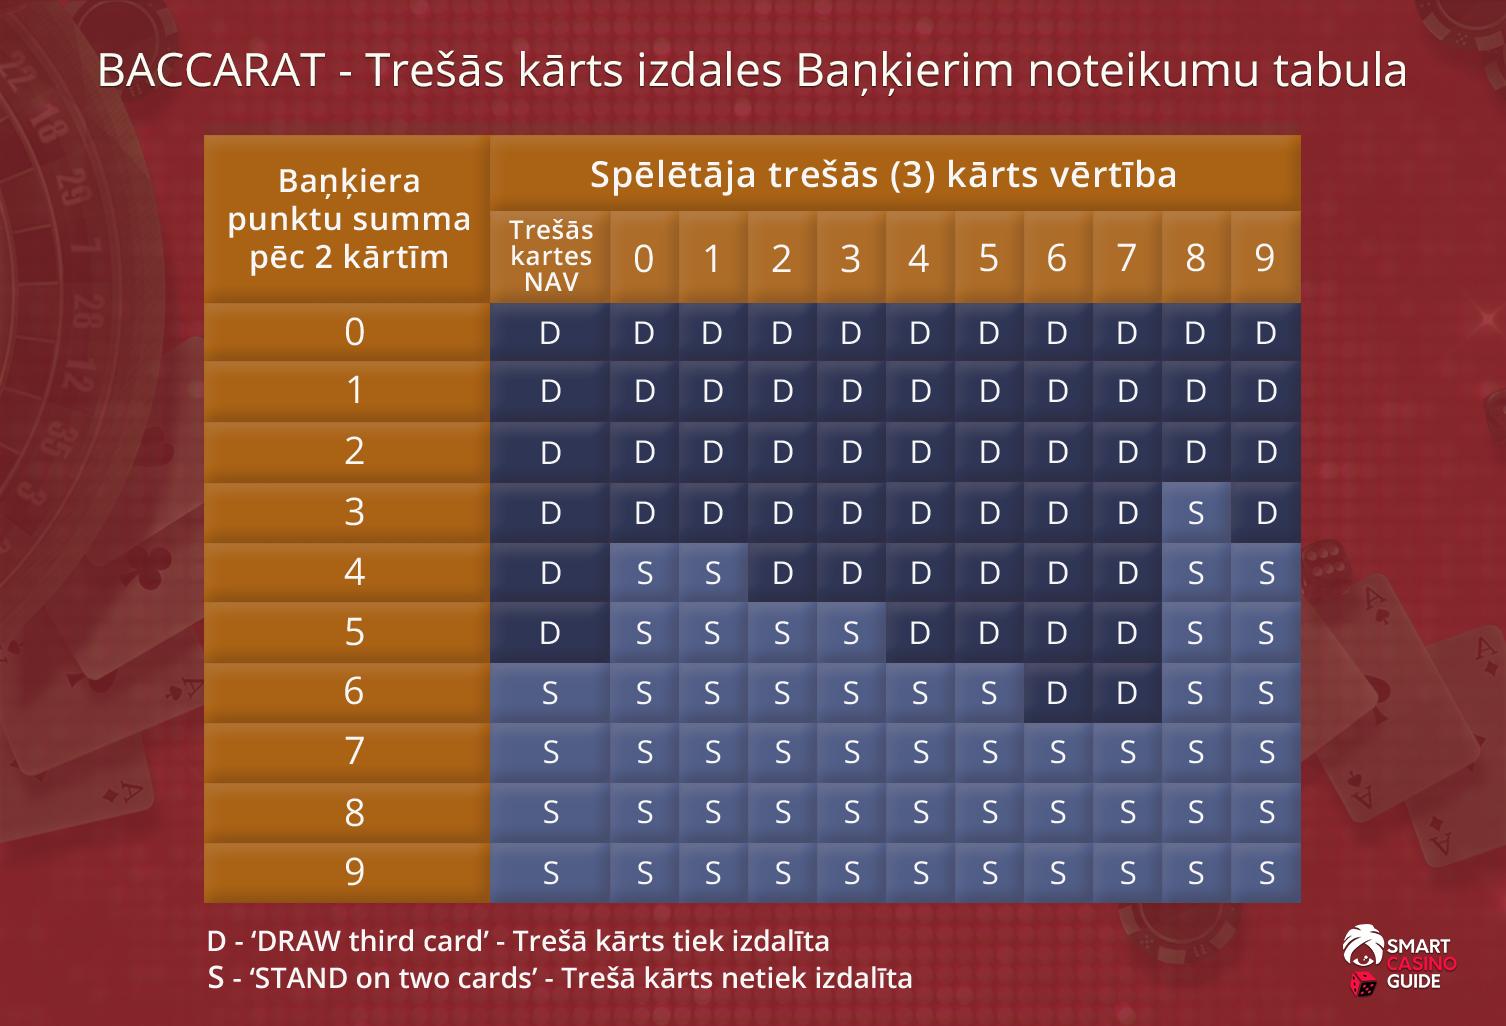 Baccarat Trešās kārts izdales Baņķierim noteikumu tabula